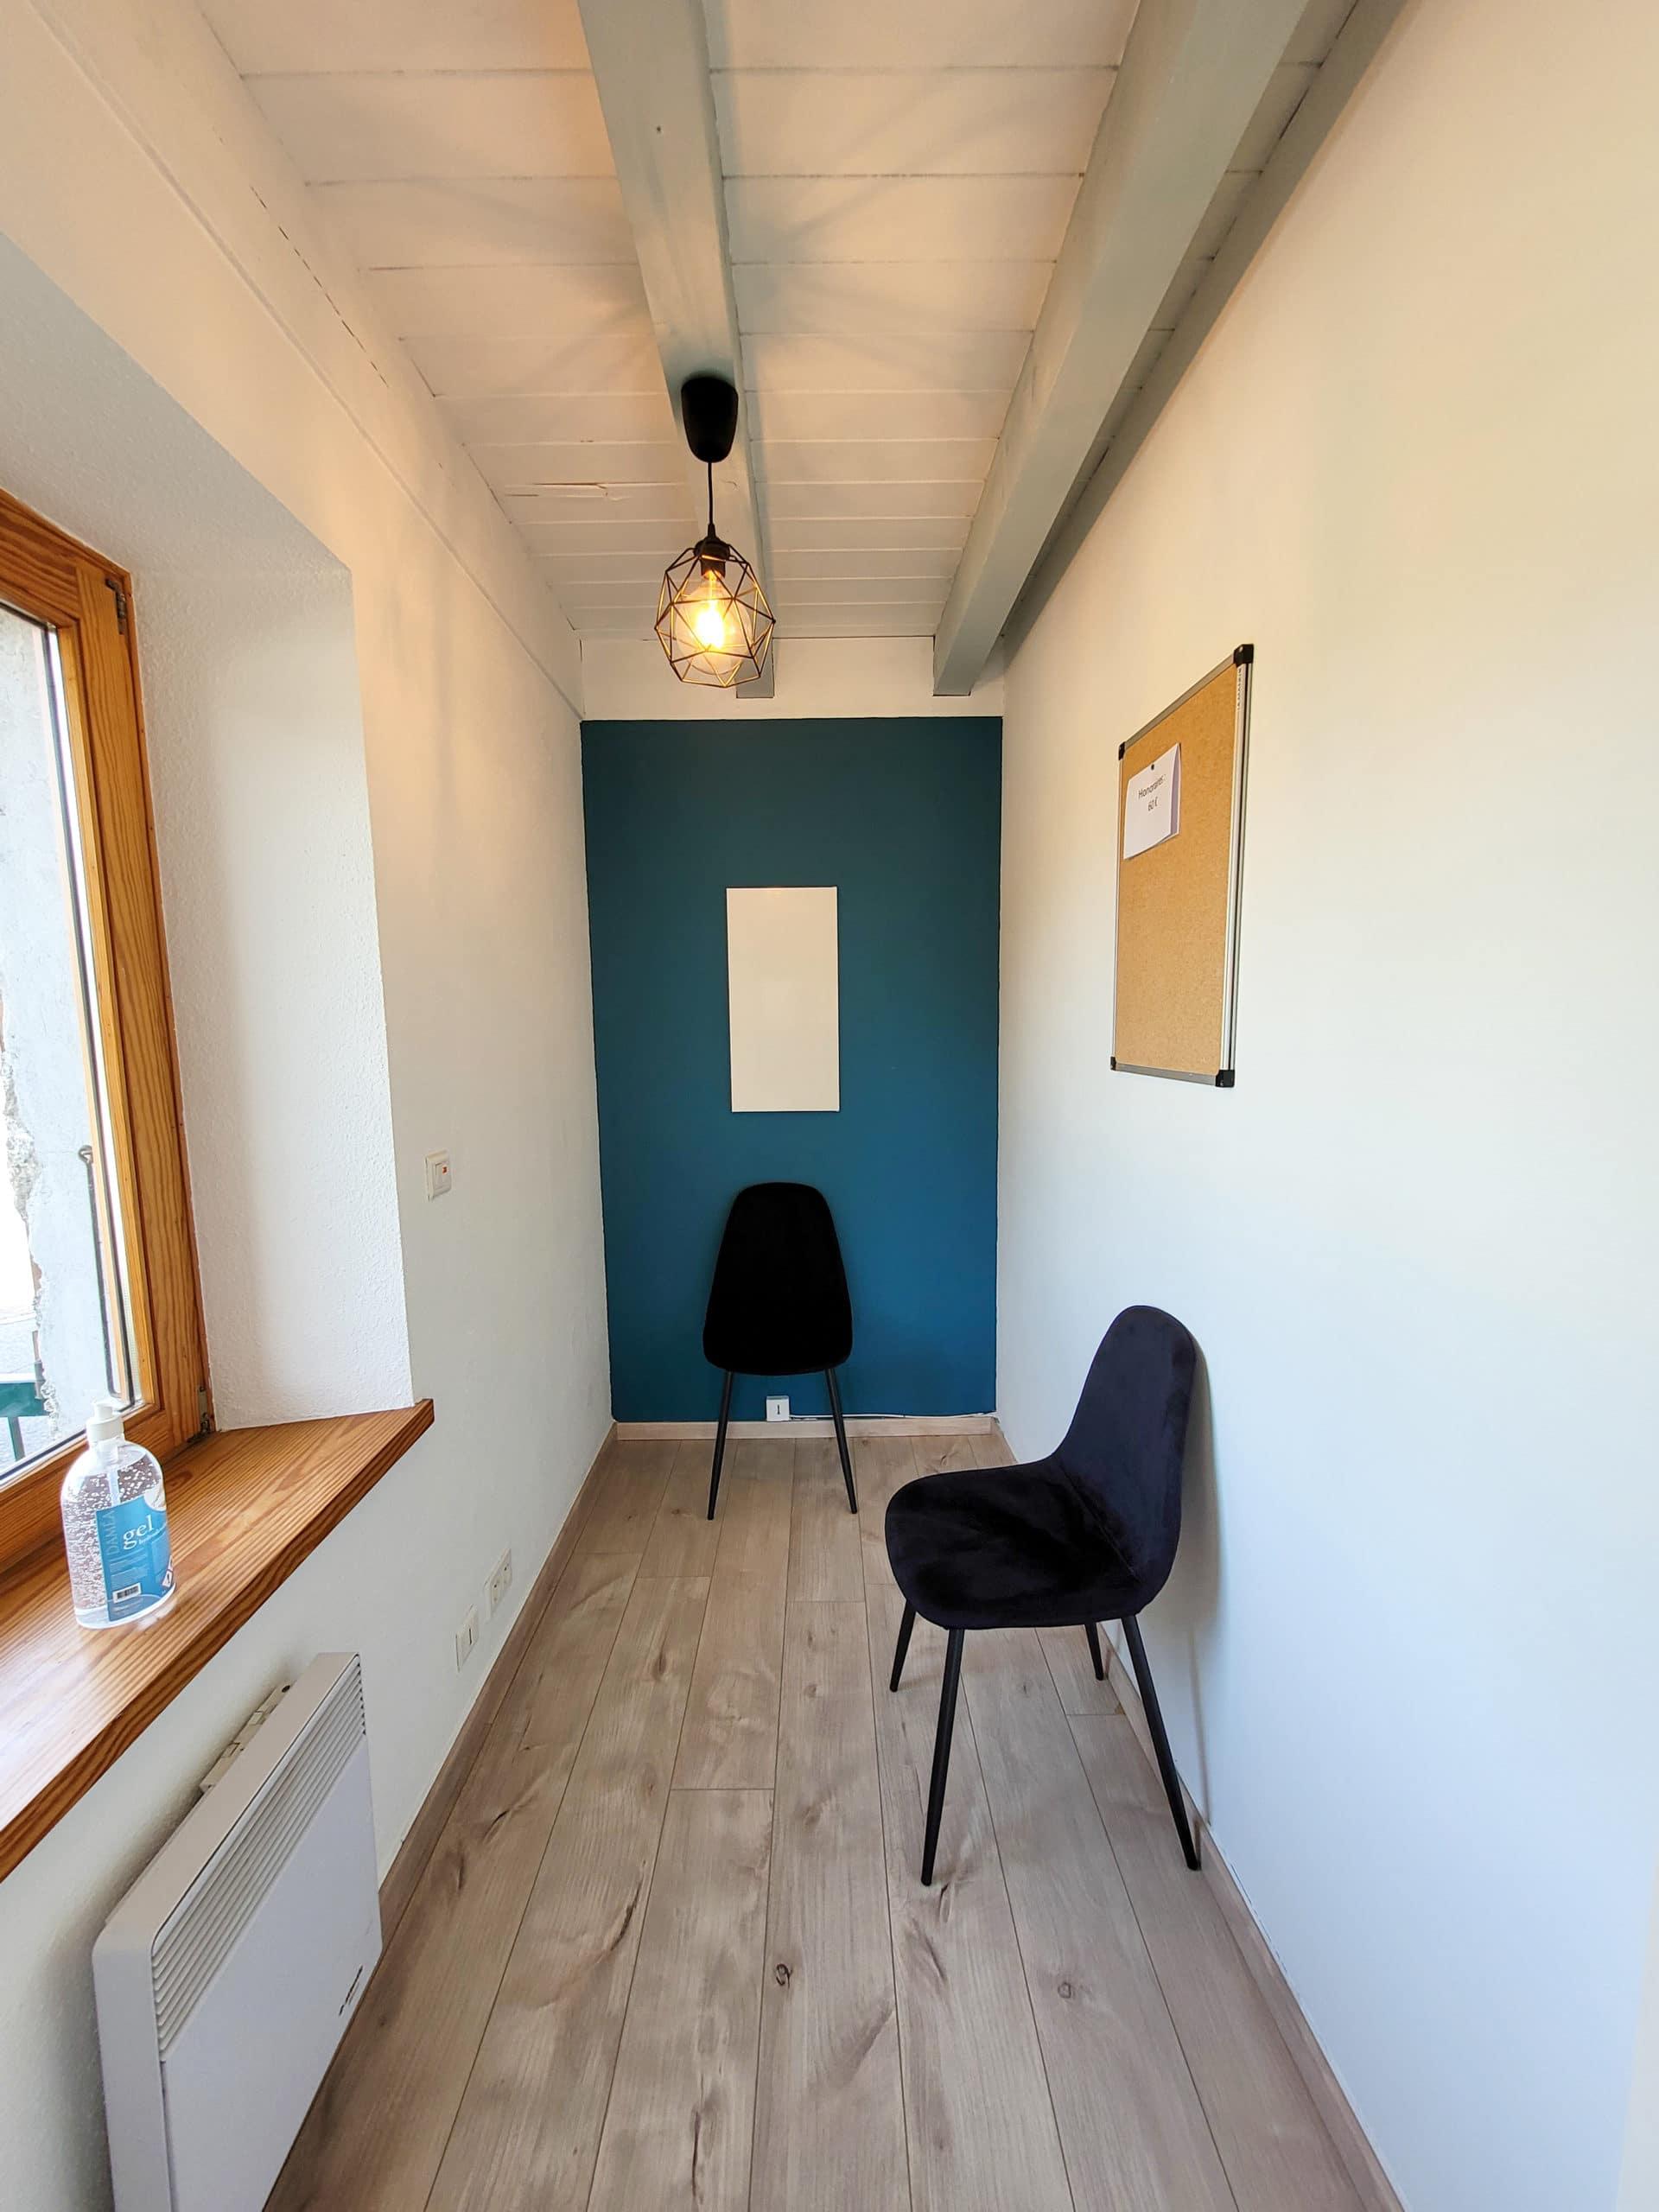 Salle d'attente du cabinet d'ostéopathie de Chloé Pivert à Orcier